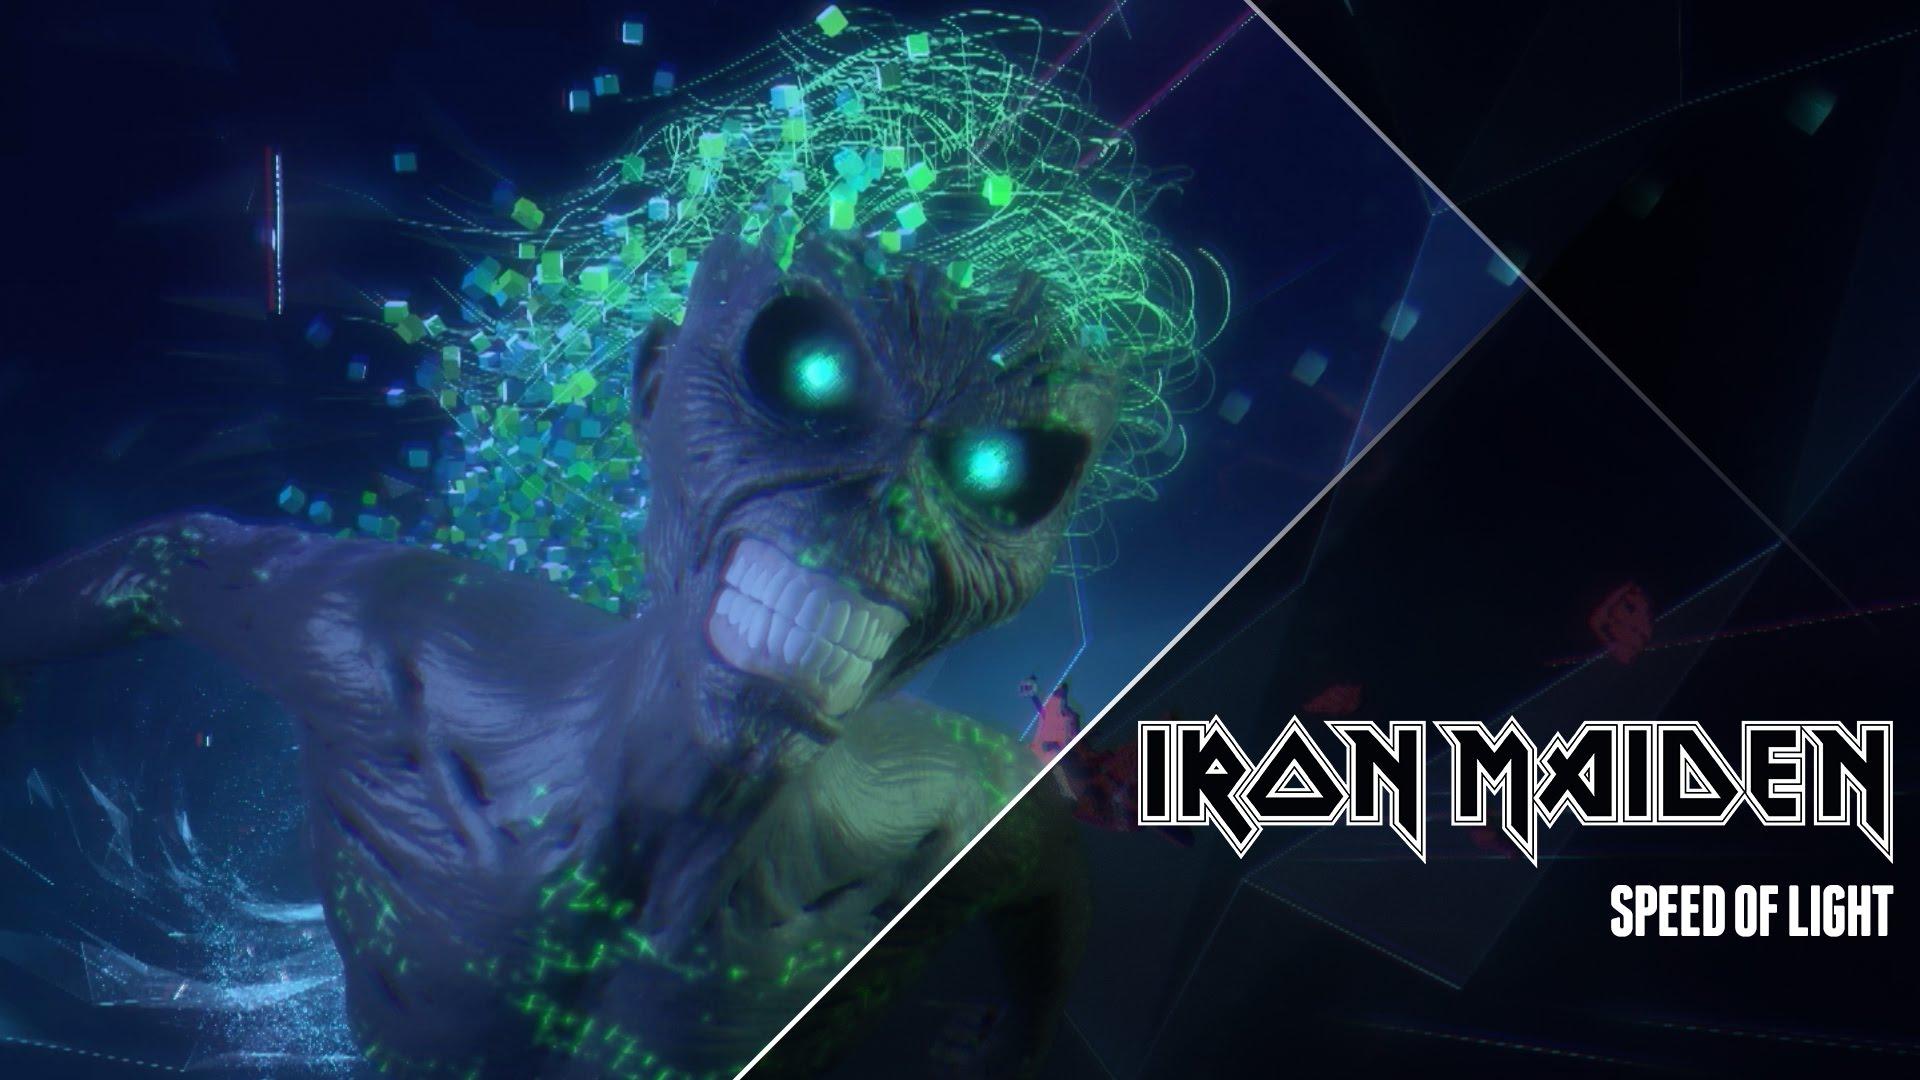 Iron Maiden on YouTube Music Videos